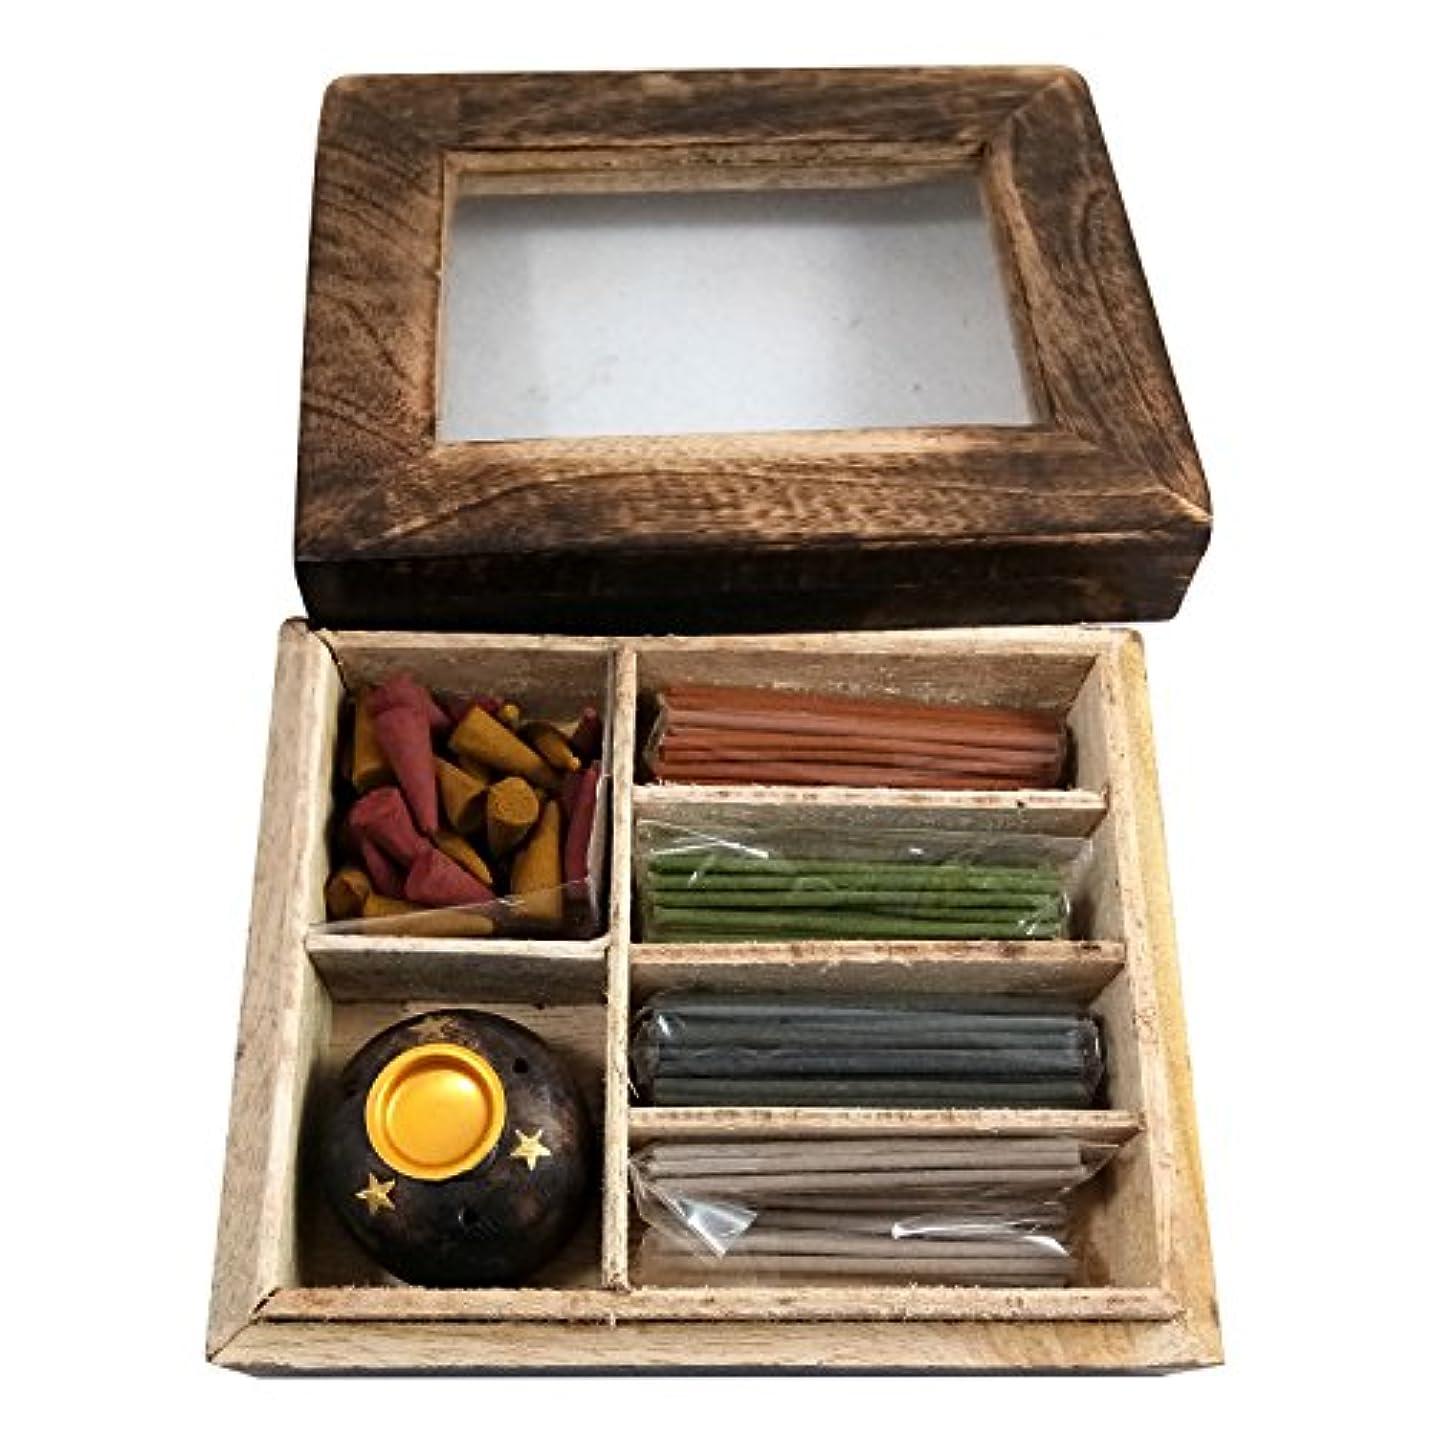 慣らす南背景手作りの木製工芸品の香りスティックボックスギフトパックの用途ホームフレグランス目的、個人&企業の贈り物|スティック&スタンド付きスティックギフトパック